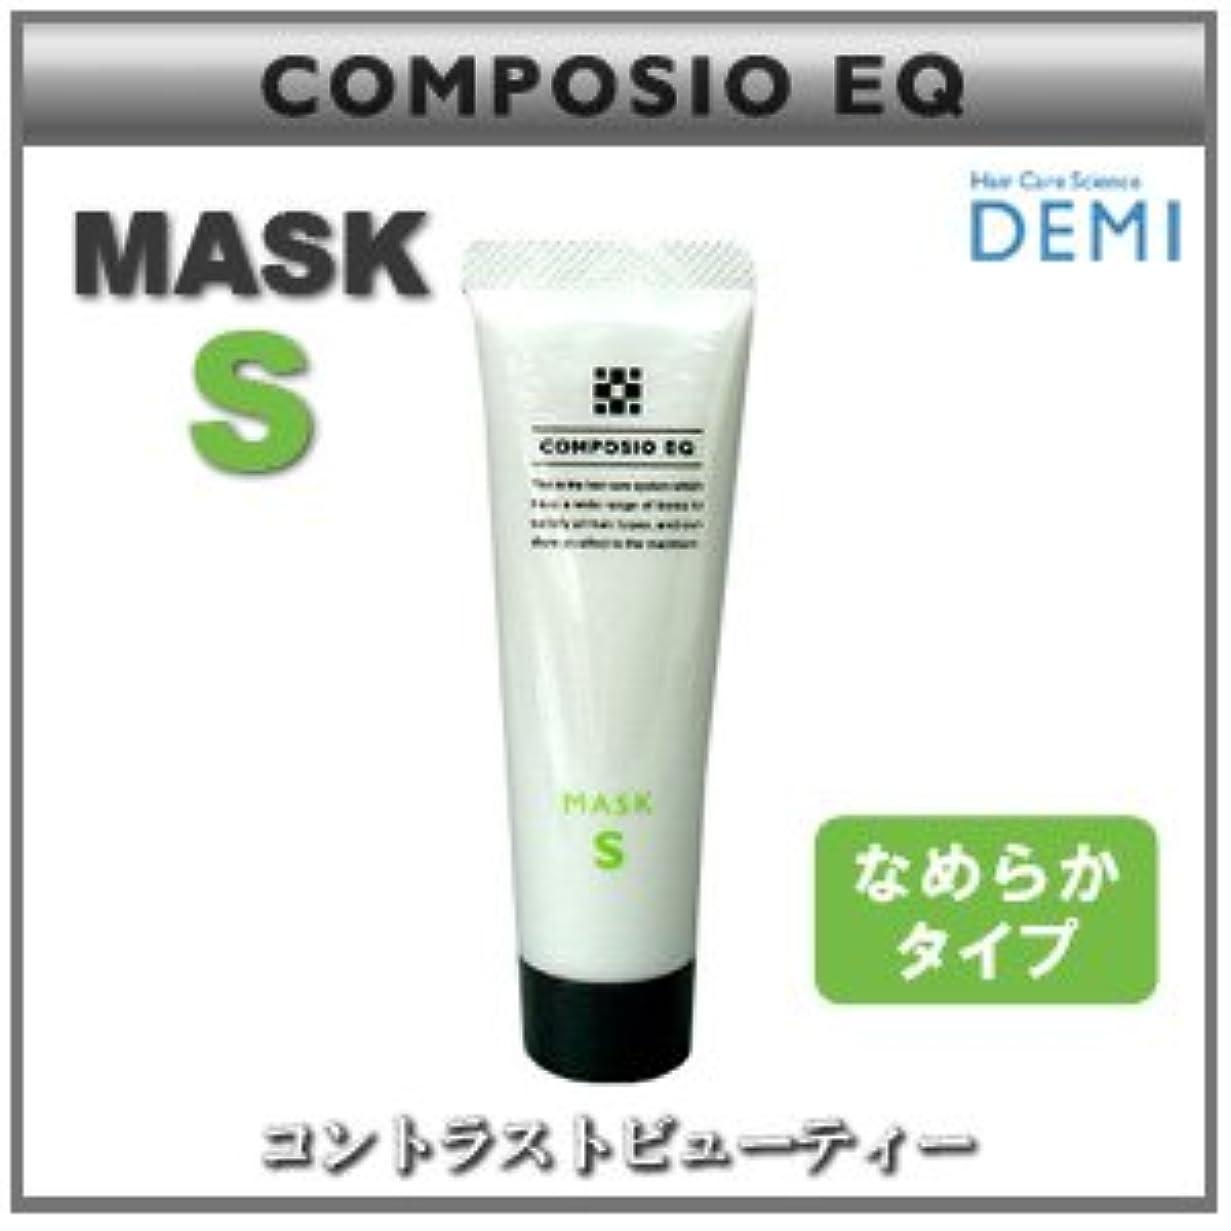 連続的違反補う【X4個セット】 デミ コンポジオ EQ マスク S 50g